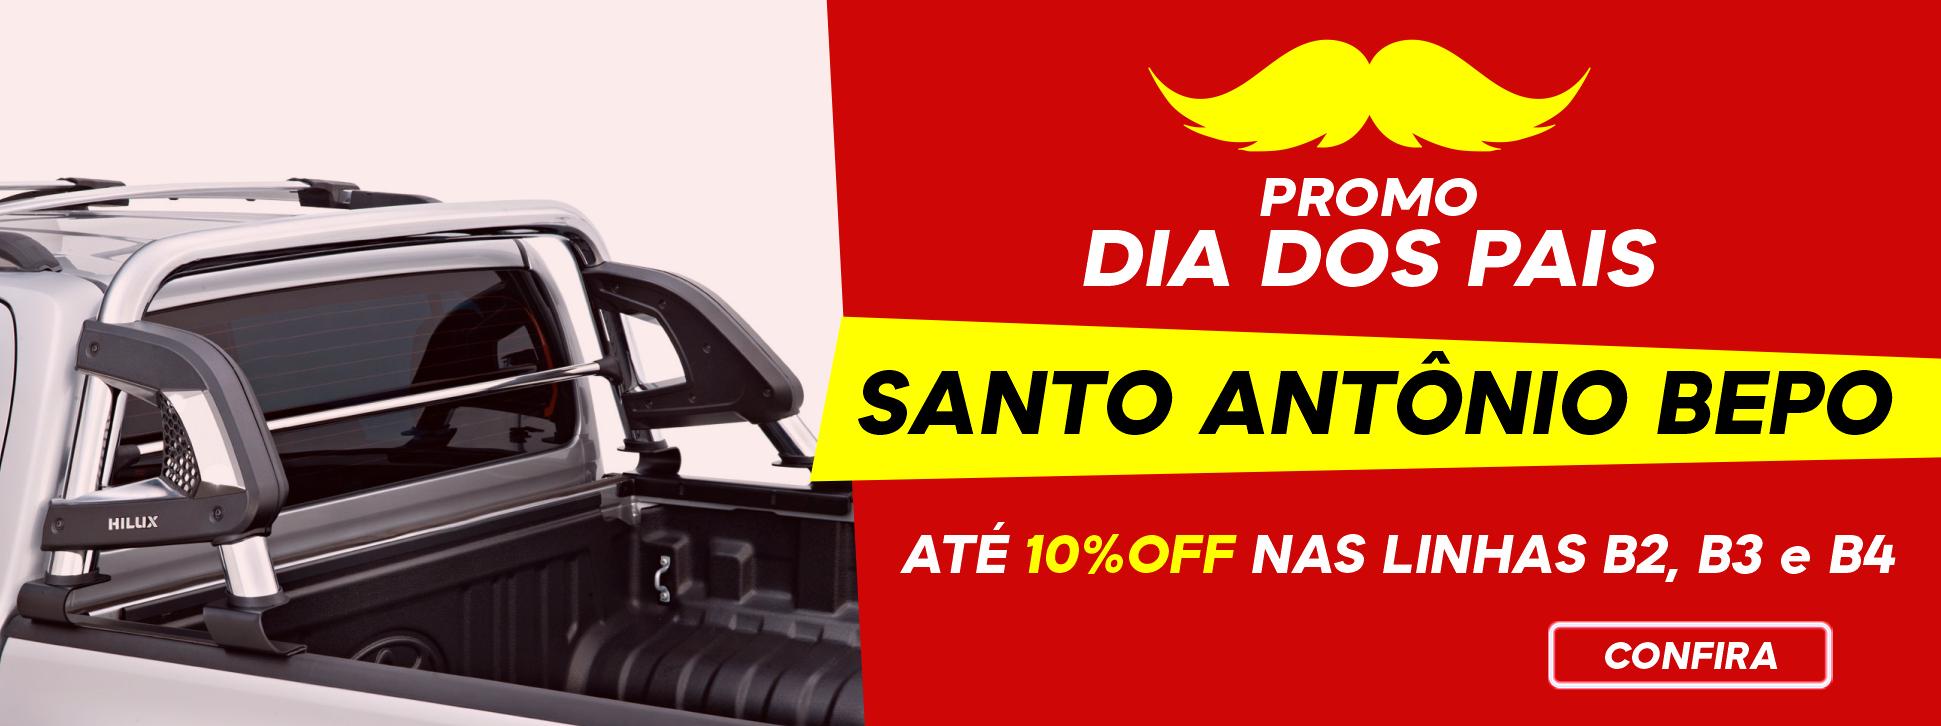 Promo Santo Antonio